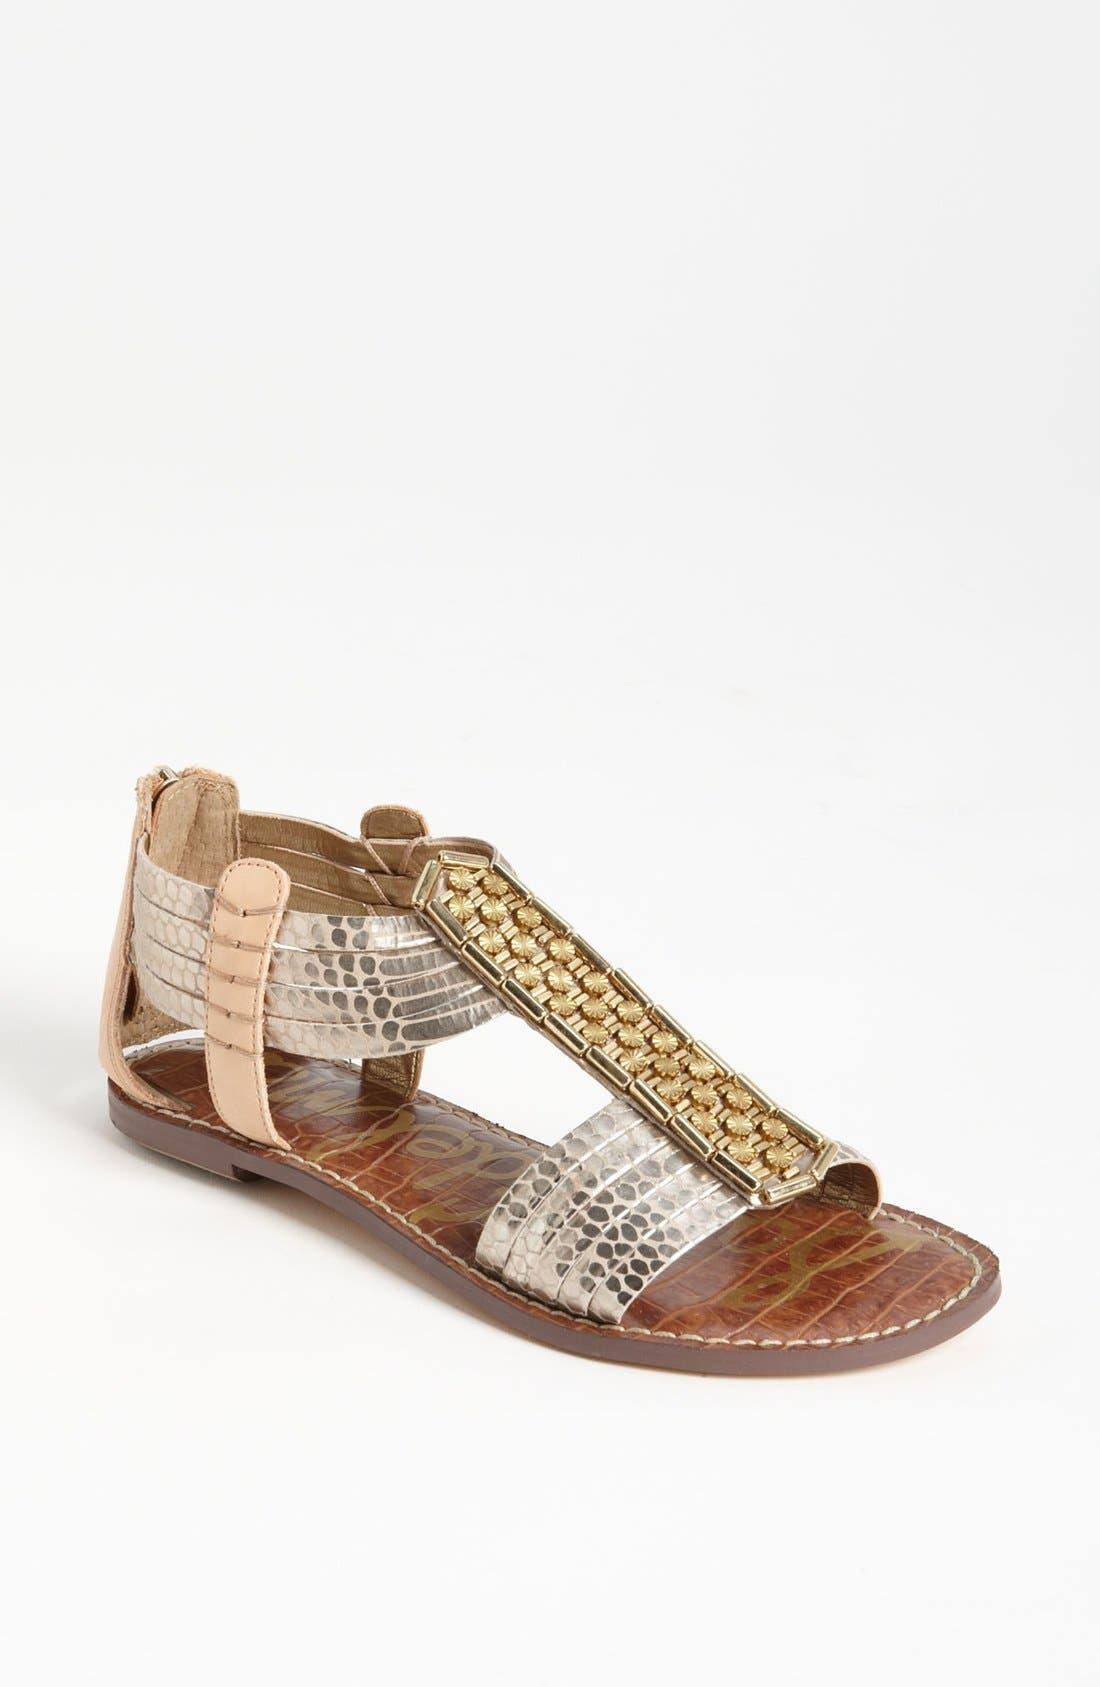 Alternate Image 1 Selected - Sam Edelman Embellished Sandal